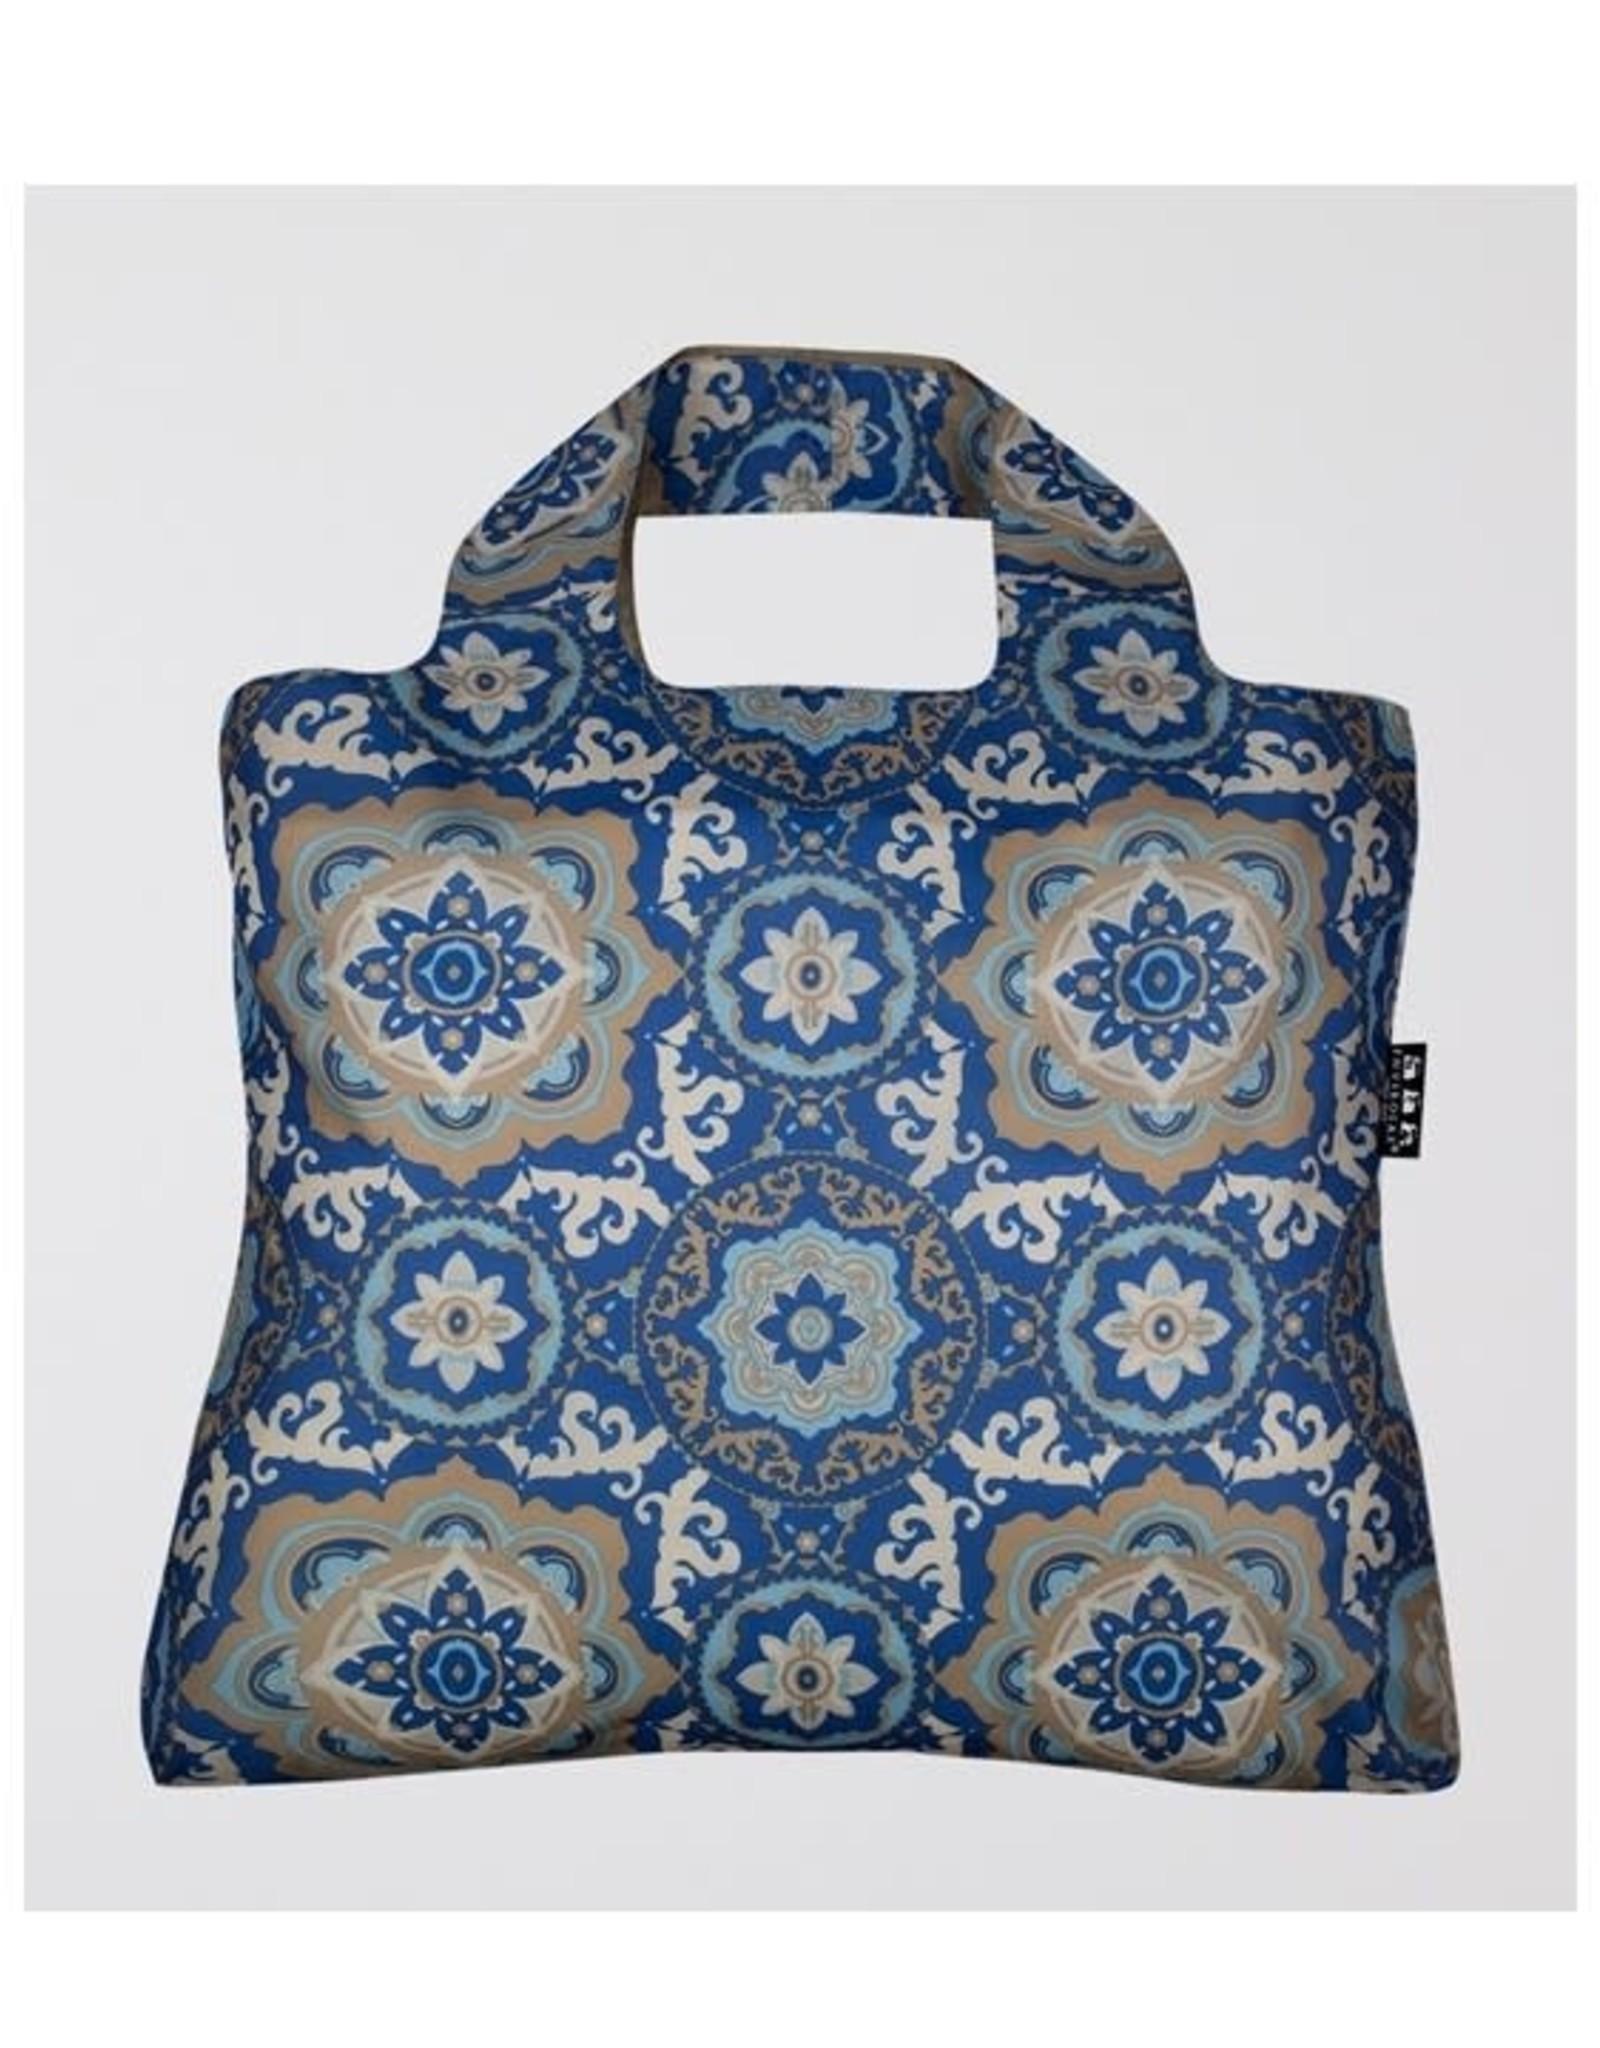 Envirosax Sac magasinage  -  Mandala bleu